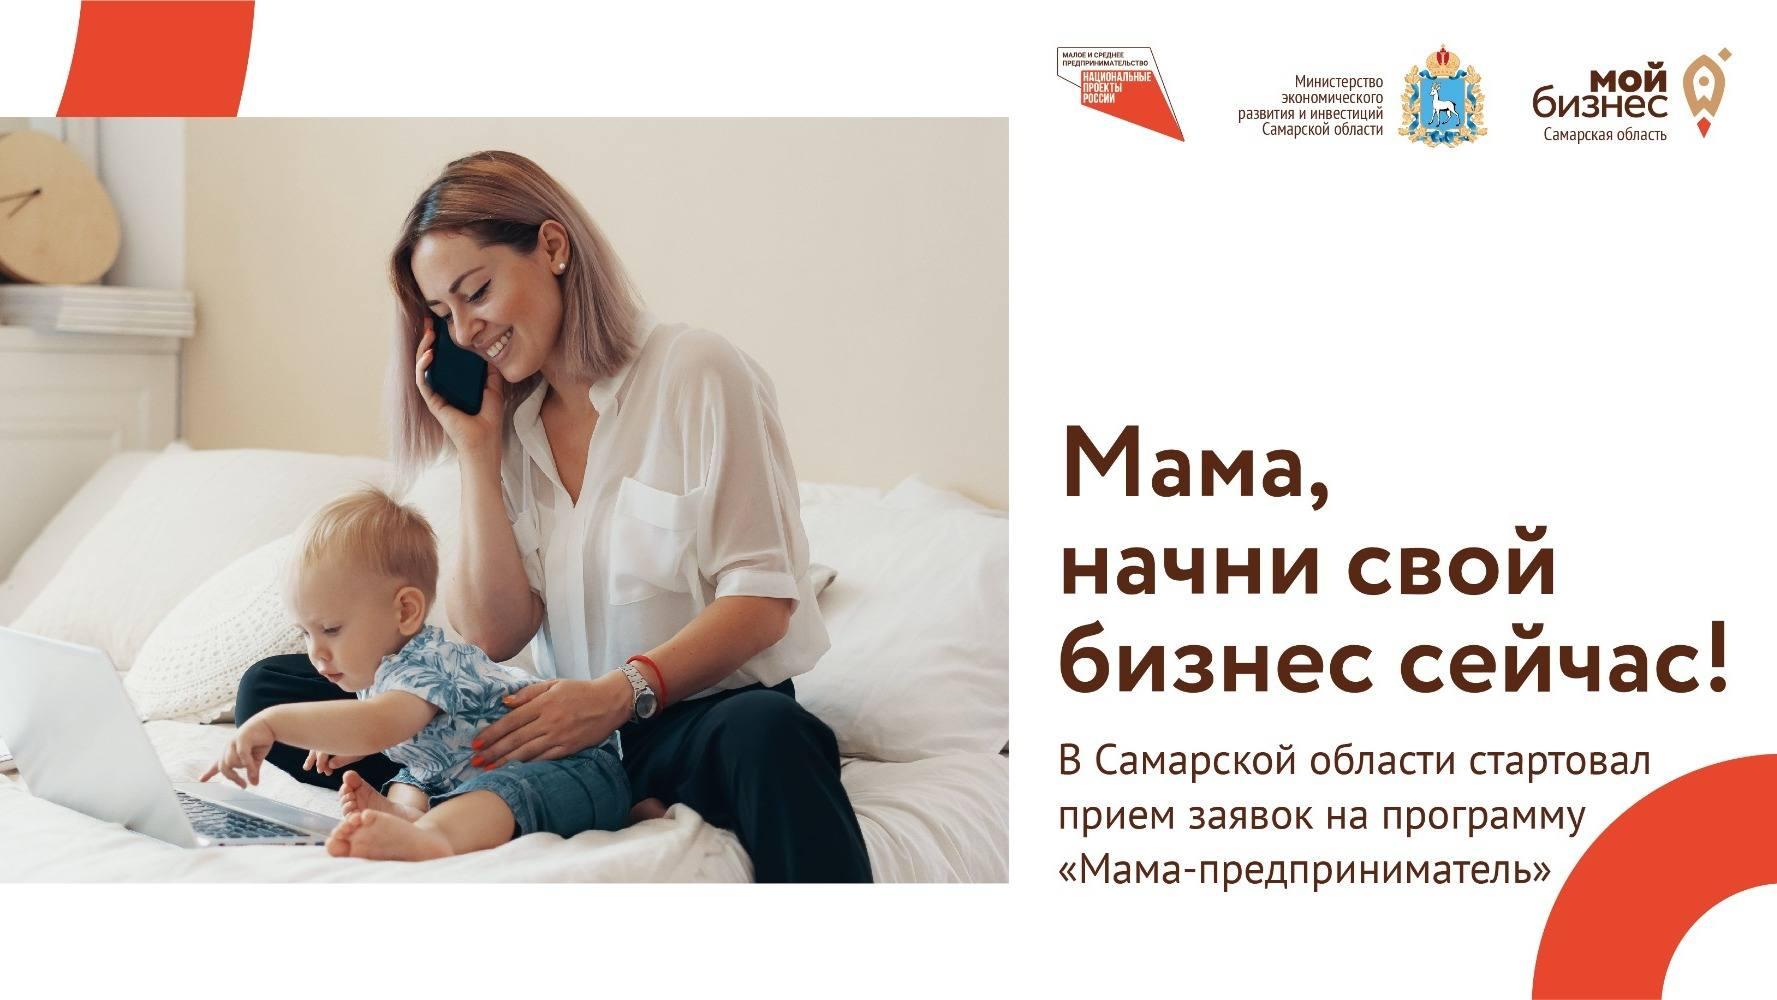 В Самарской области стартовал прием заявок на участие в федеральном проекте «Мама-предприниматель»